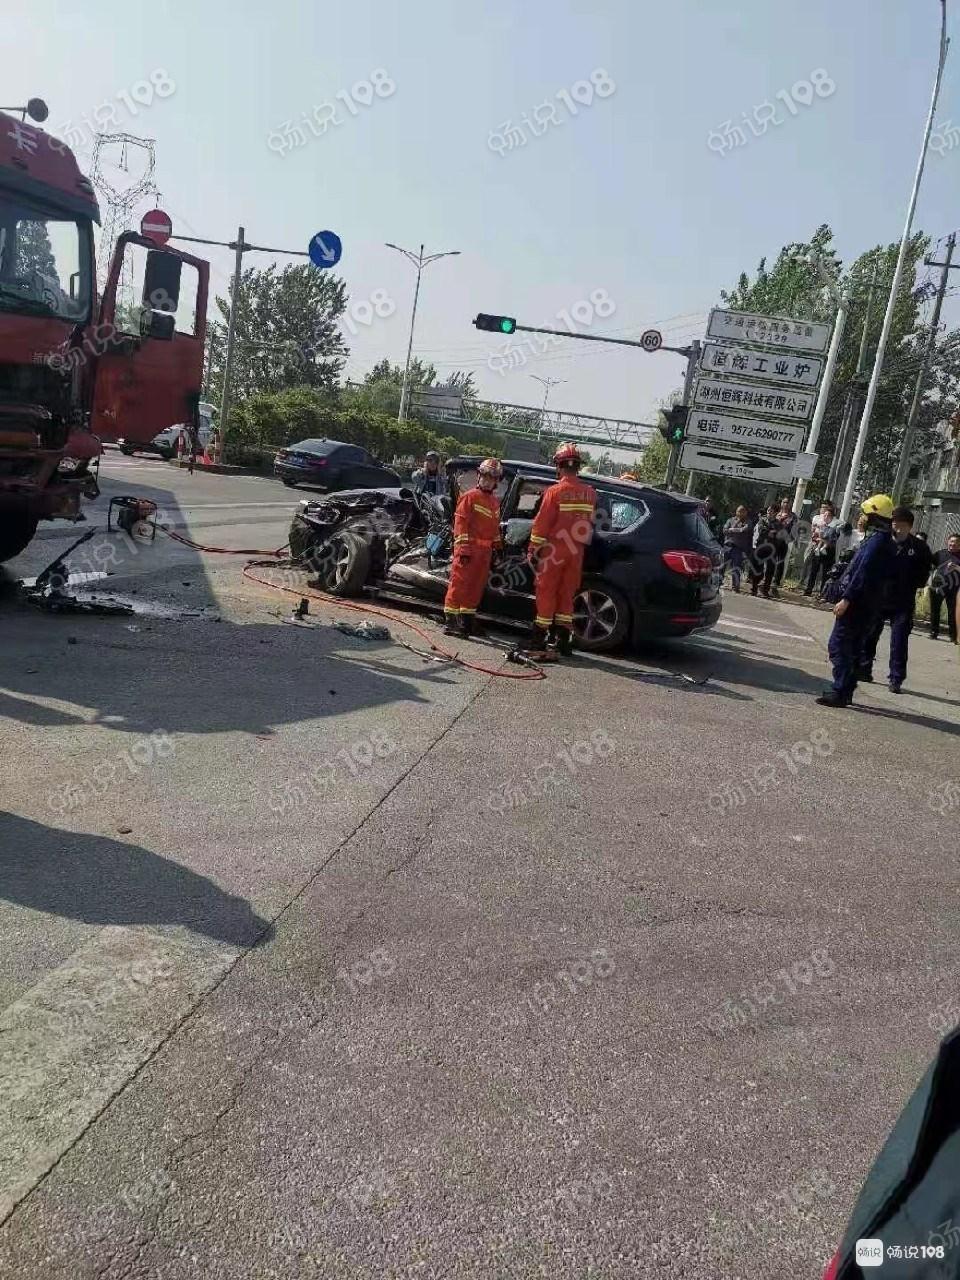 长和路出事了!一小车半个车身都撞没了,现场有警察维护